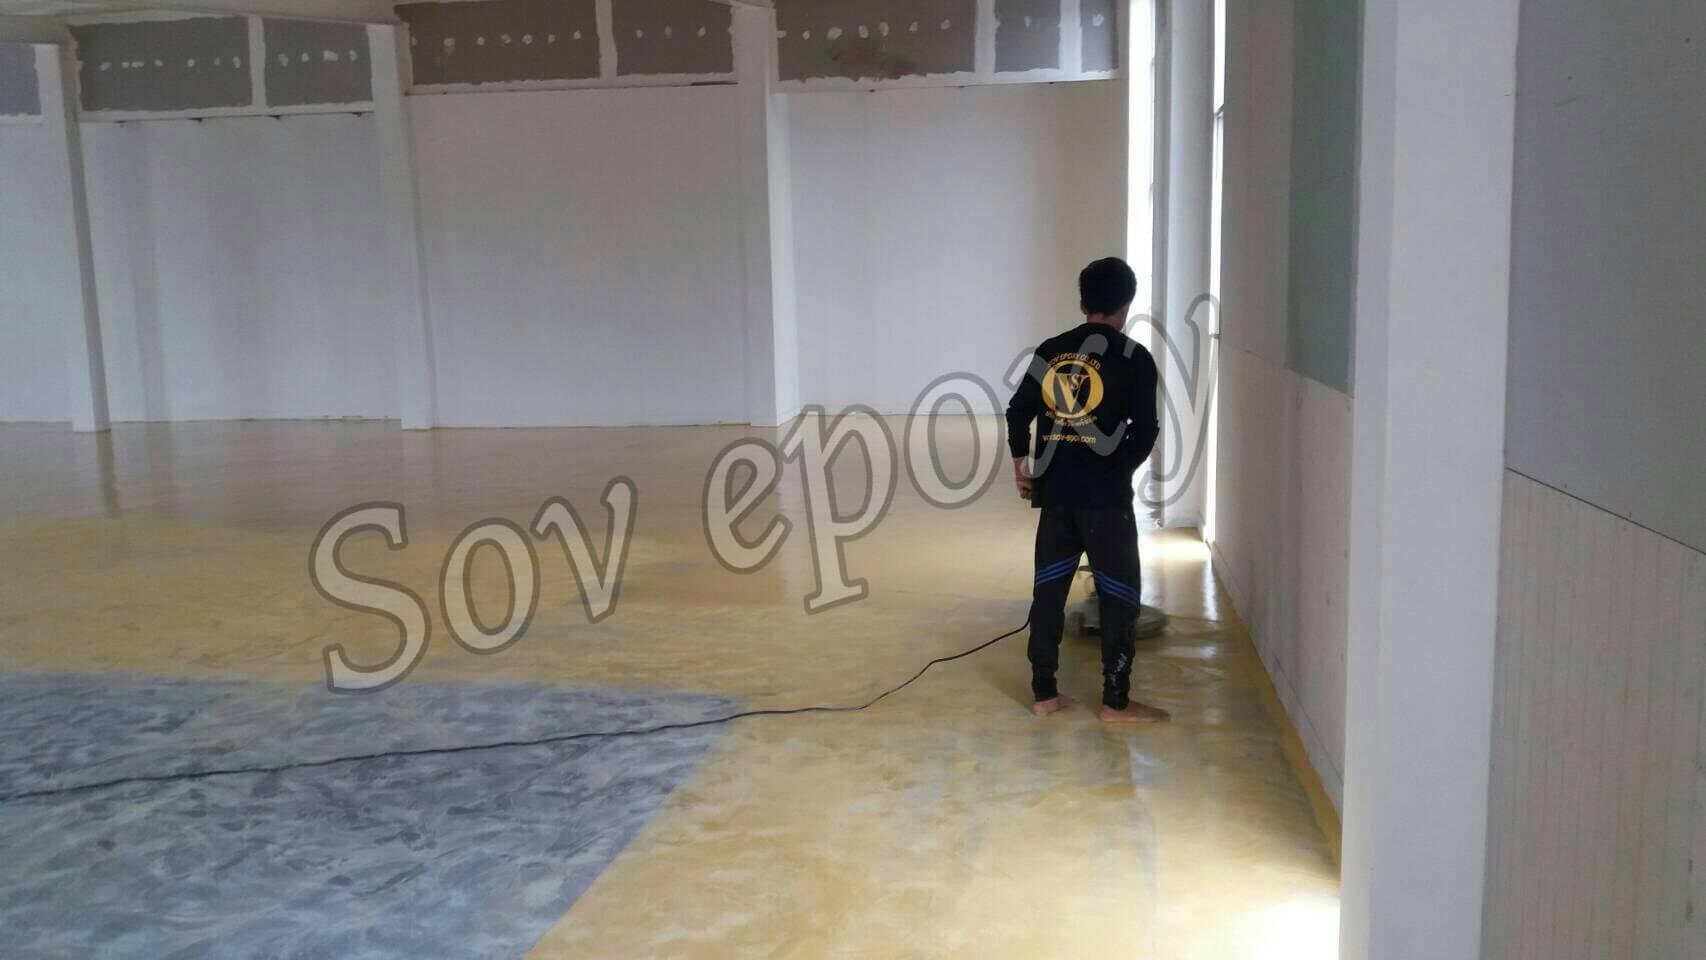 โครงการ โรงงานเก็บสินค้าอิเล็คทรอนิคส์ จ.ลพบุรี 11